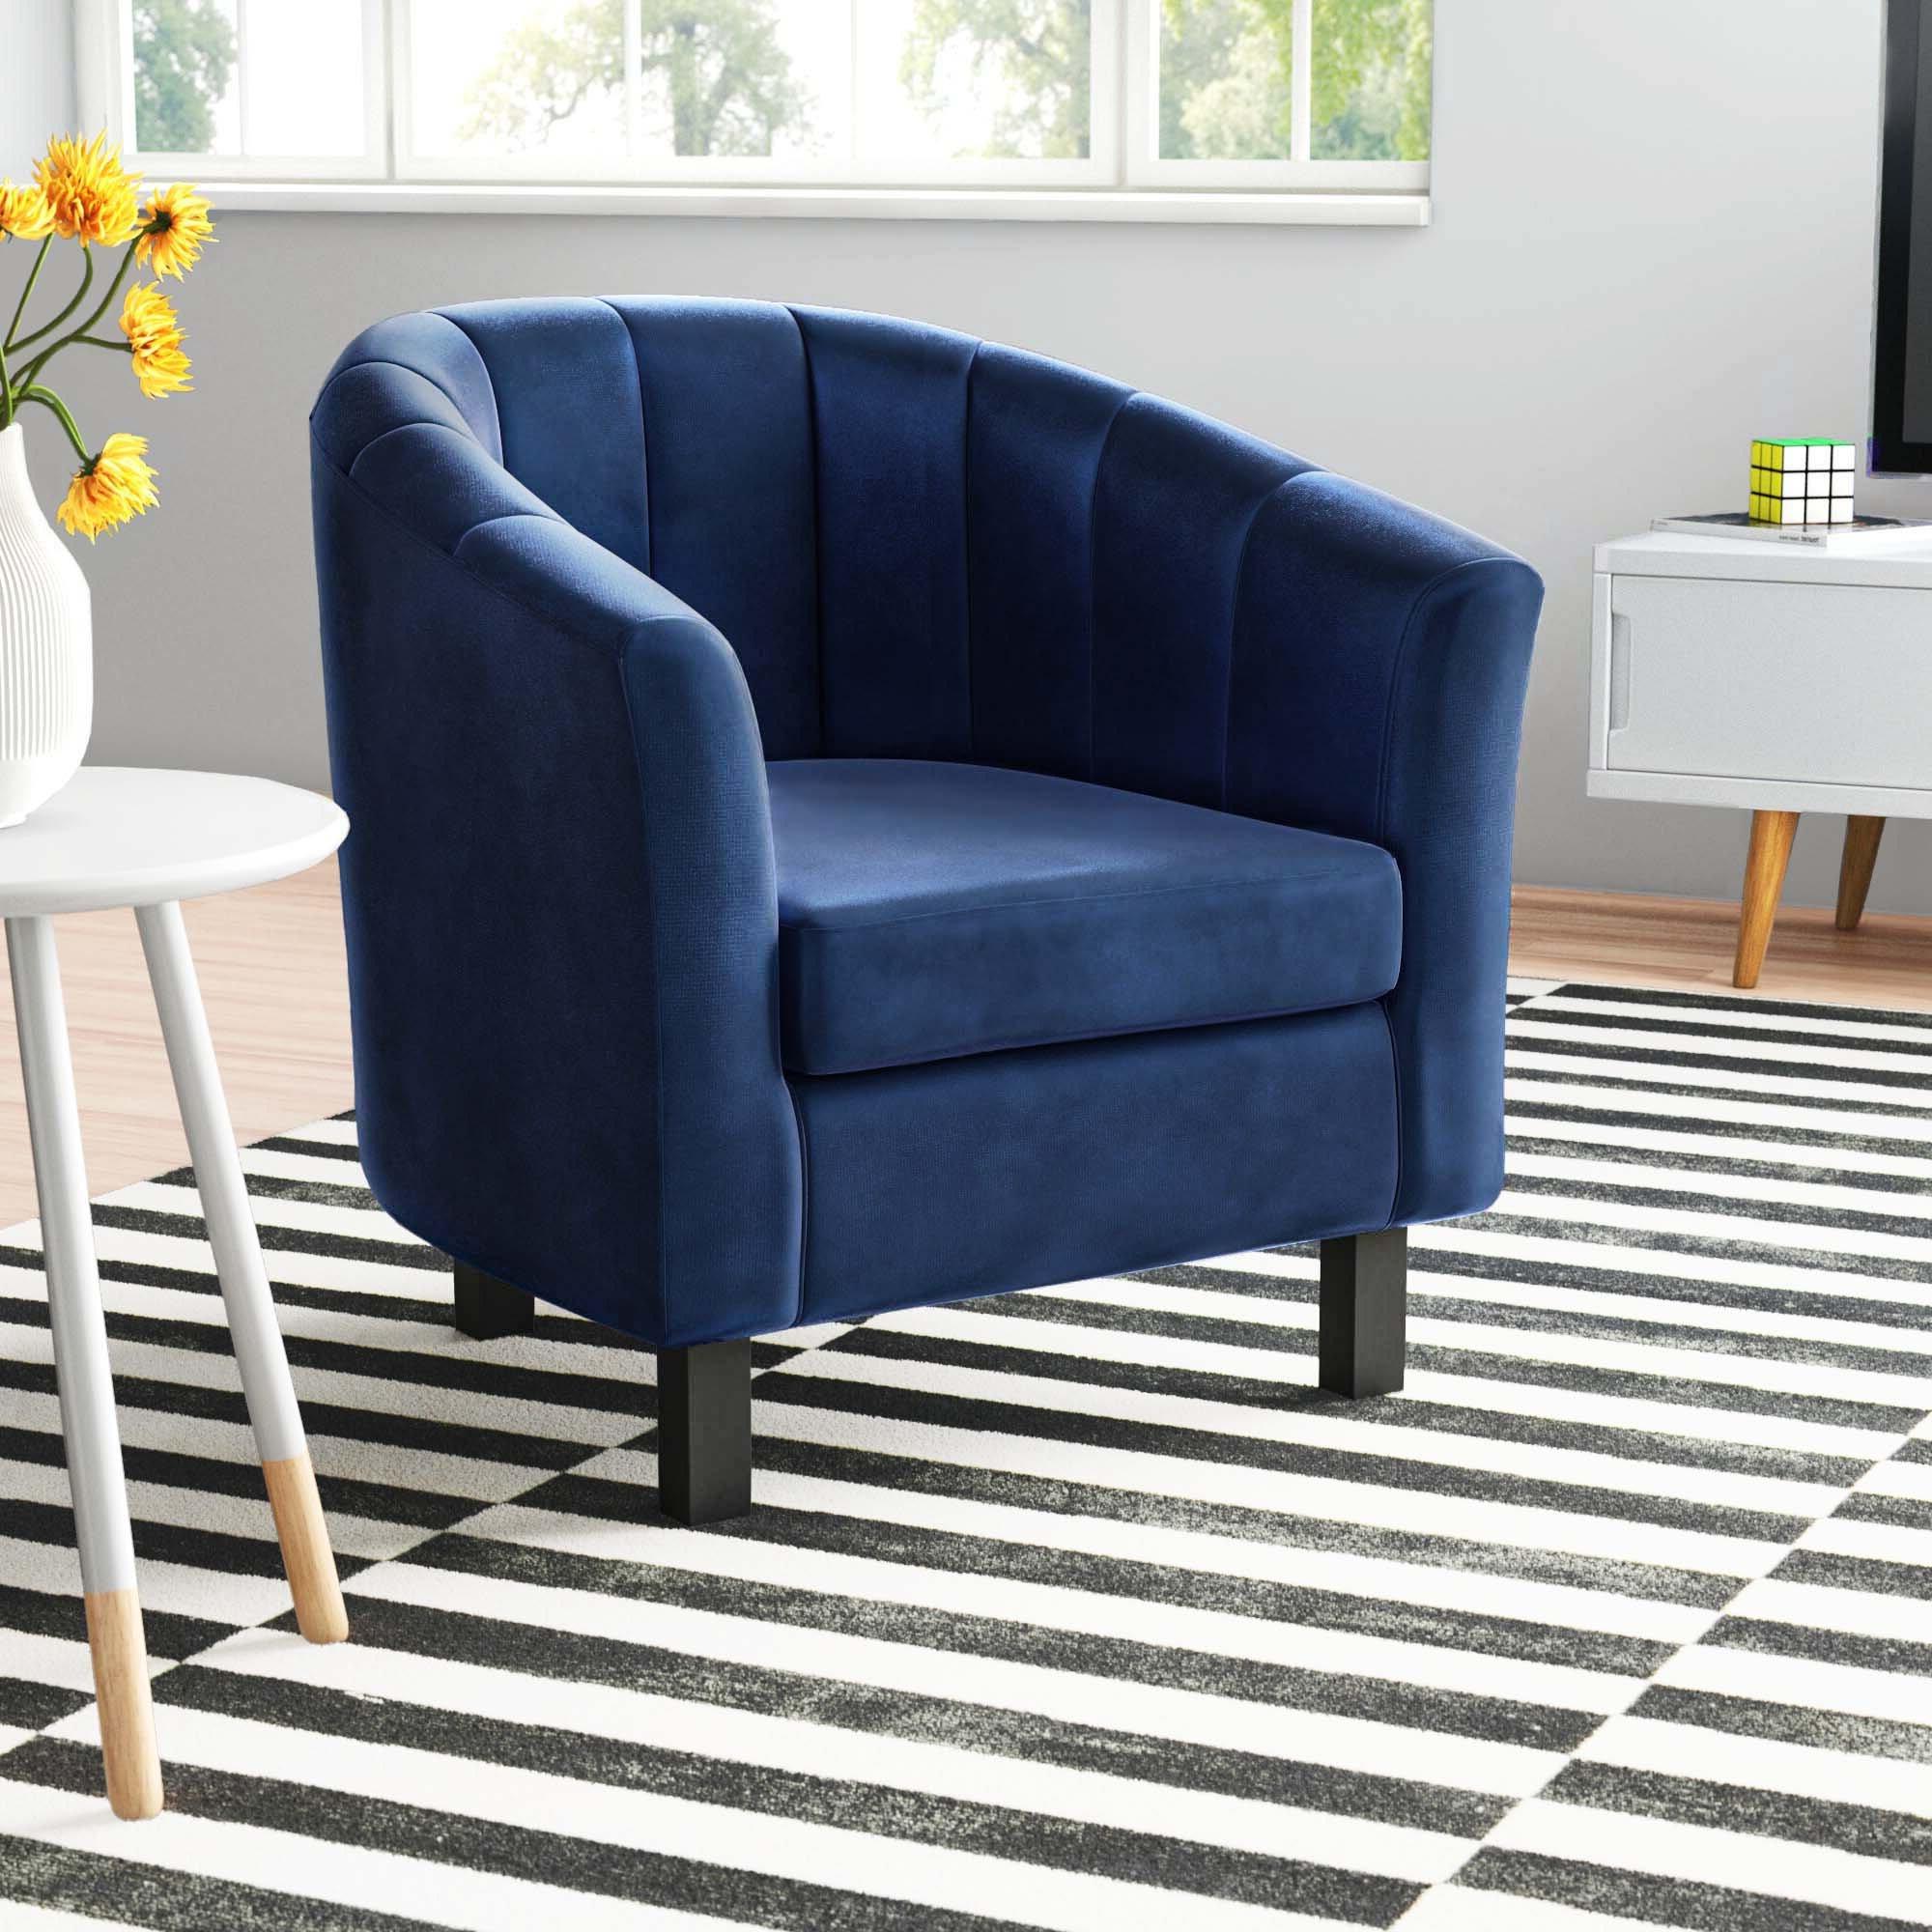 """Most Recently Released Ziaa Barrel Chairs Inside Ziaa Performance Velvet 20"""" Barrel Chair (View 2 of 20)"""